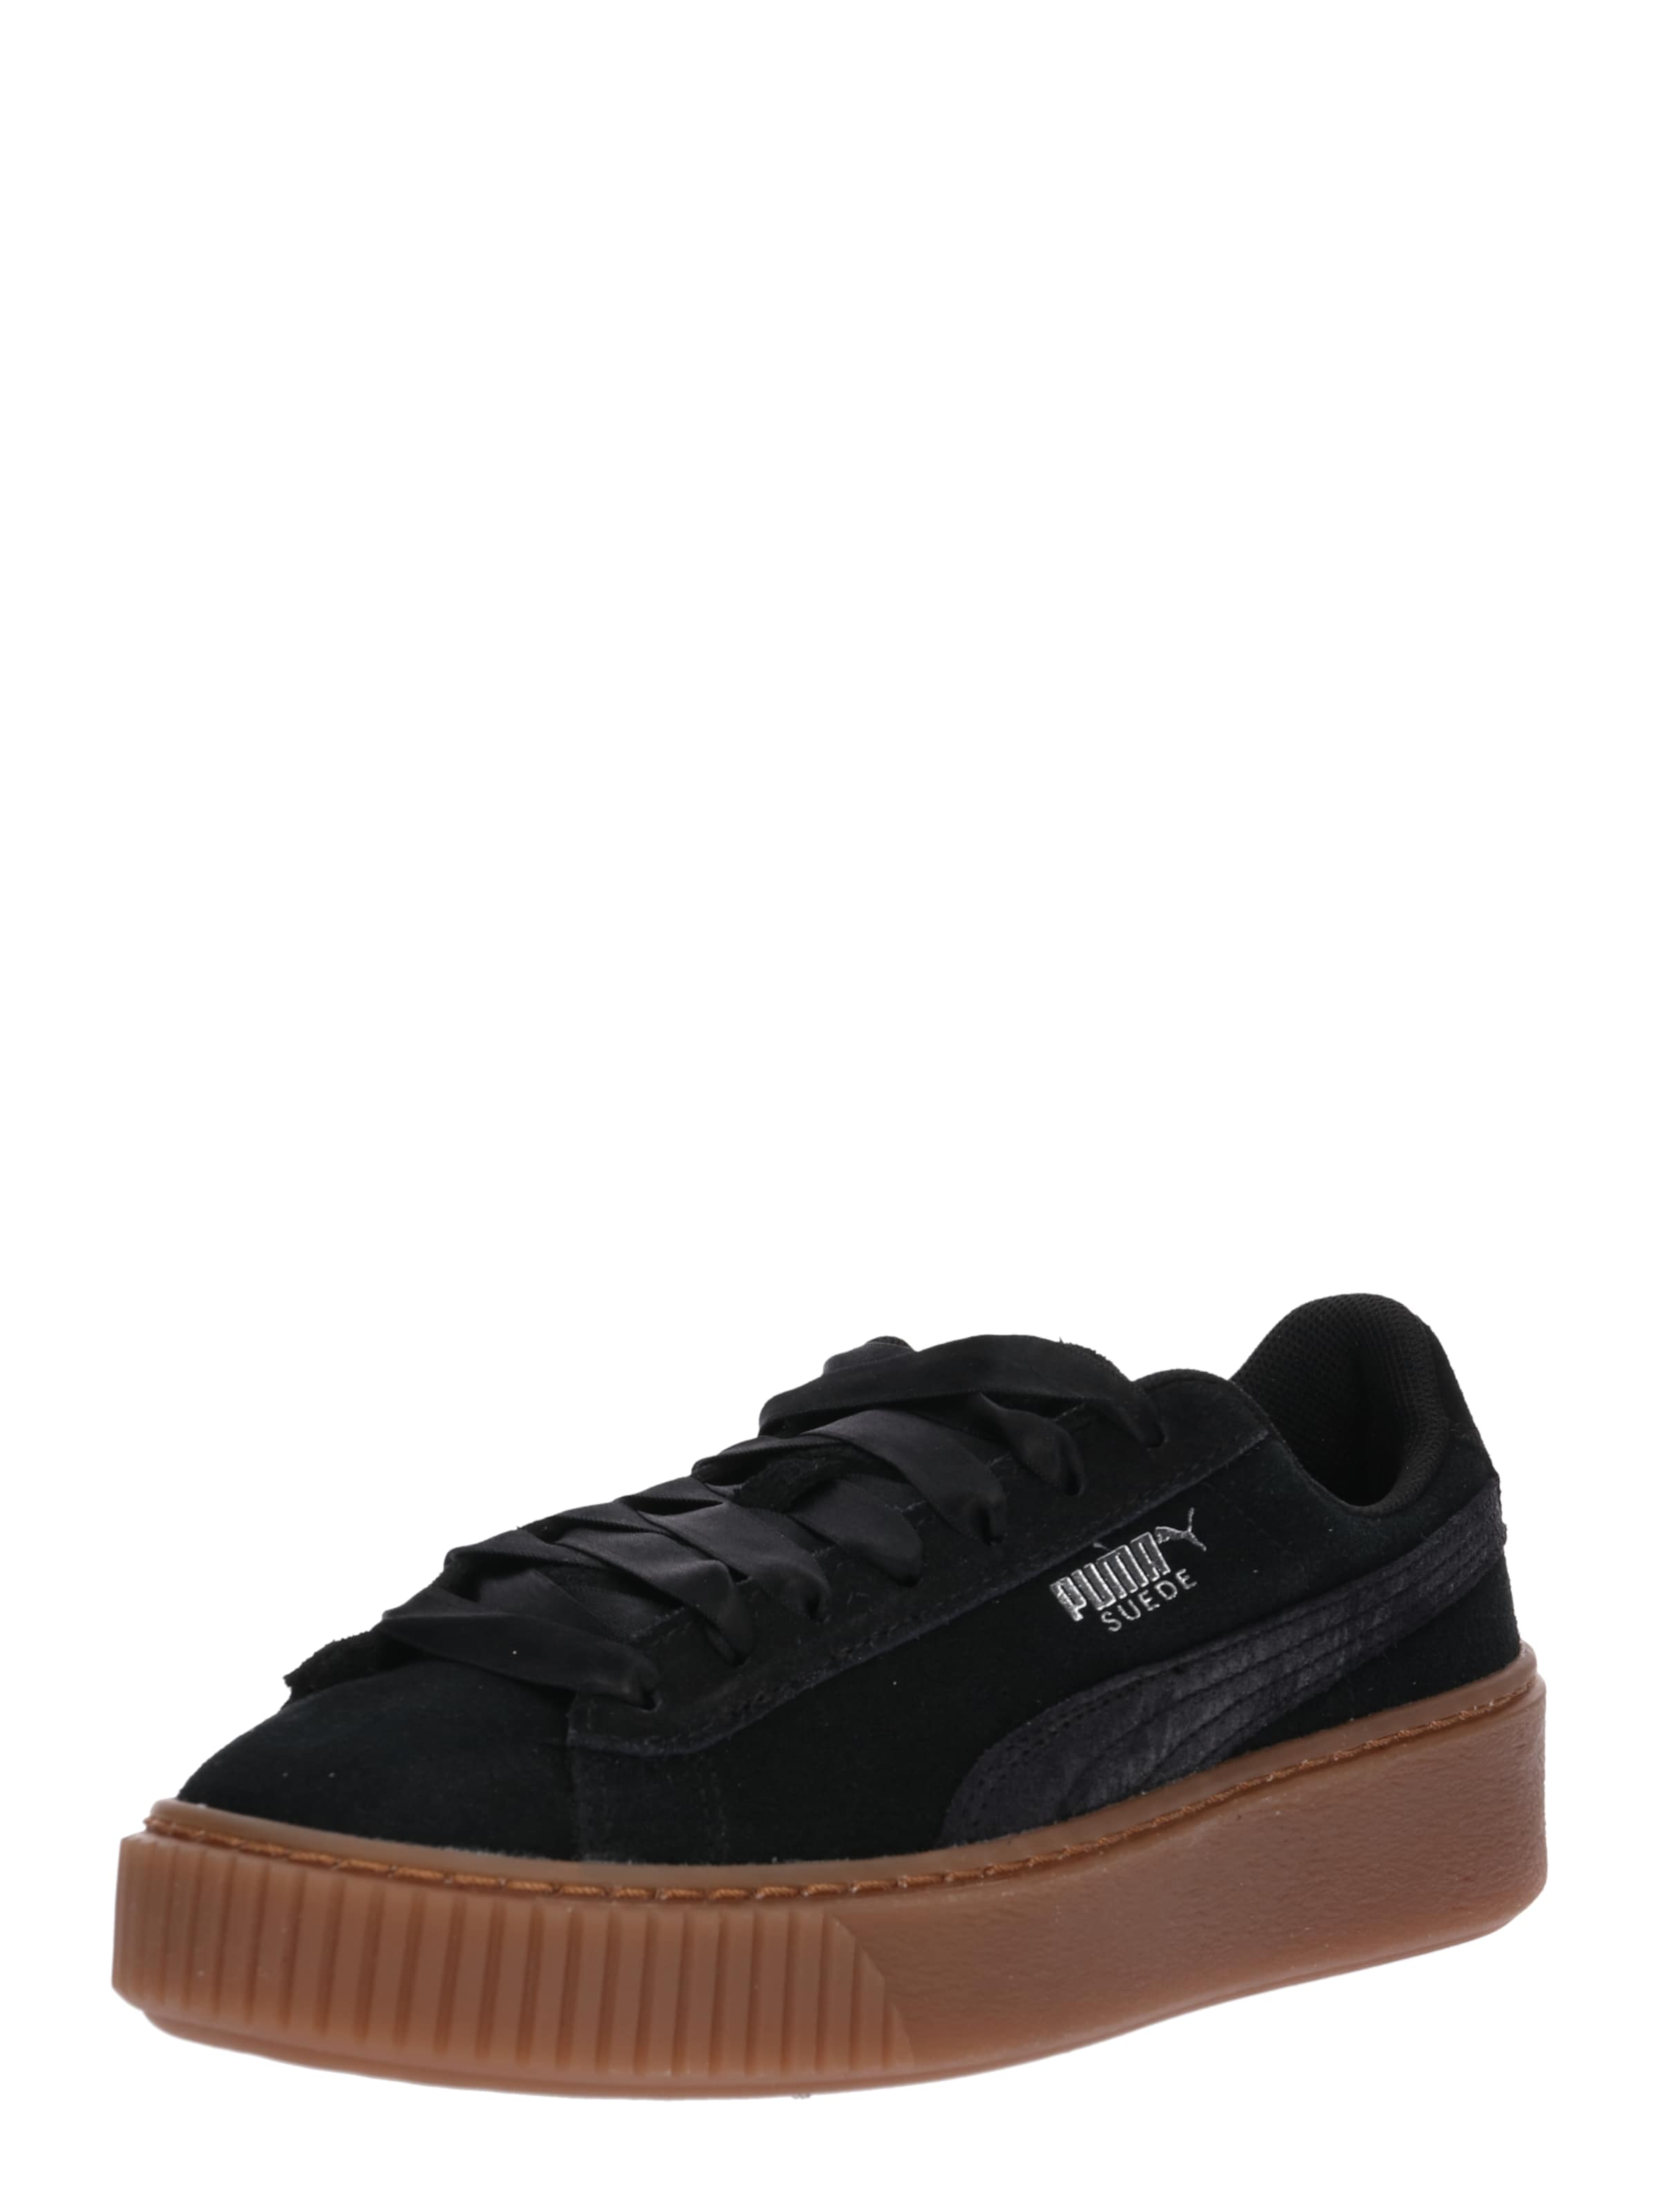 'galaxy' In Sneaker 'galaxy' Puma Sneaker BraunSchwarz 'galaxy' In BraunSchwarz Puma Puma In Sneaker dreCBxo